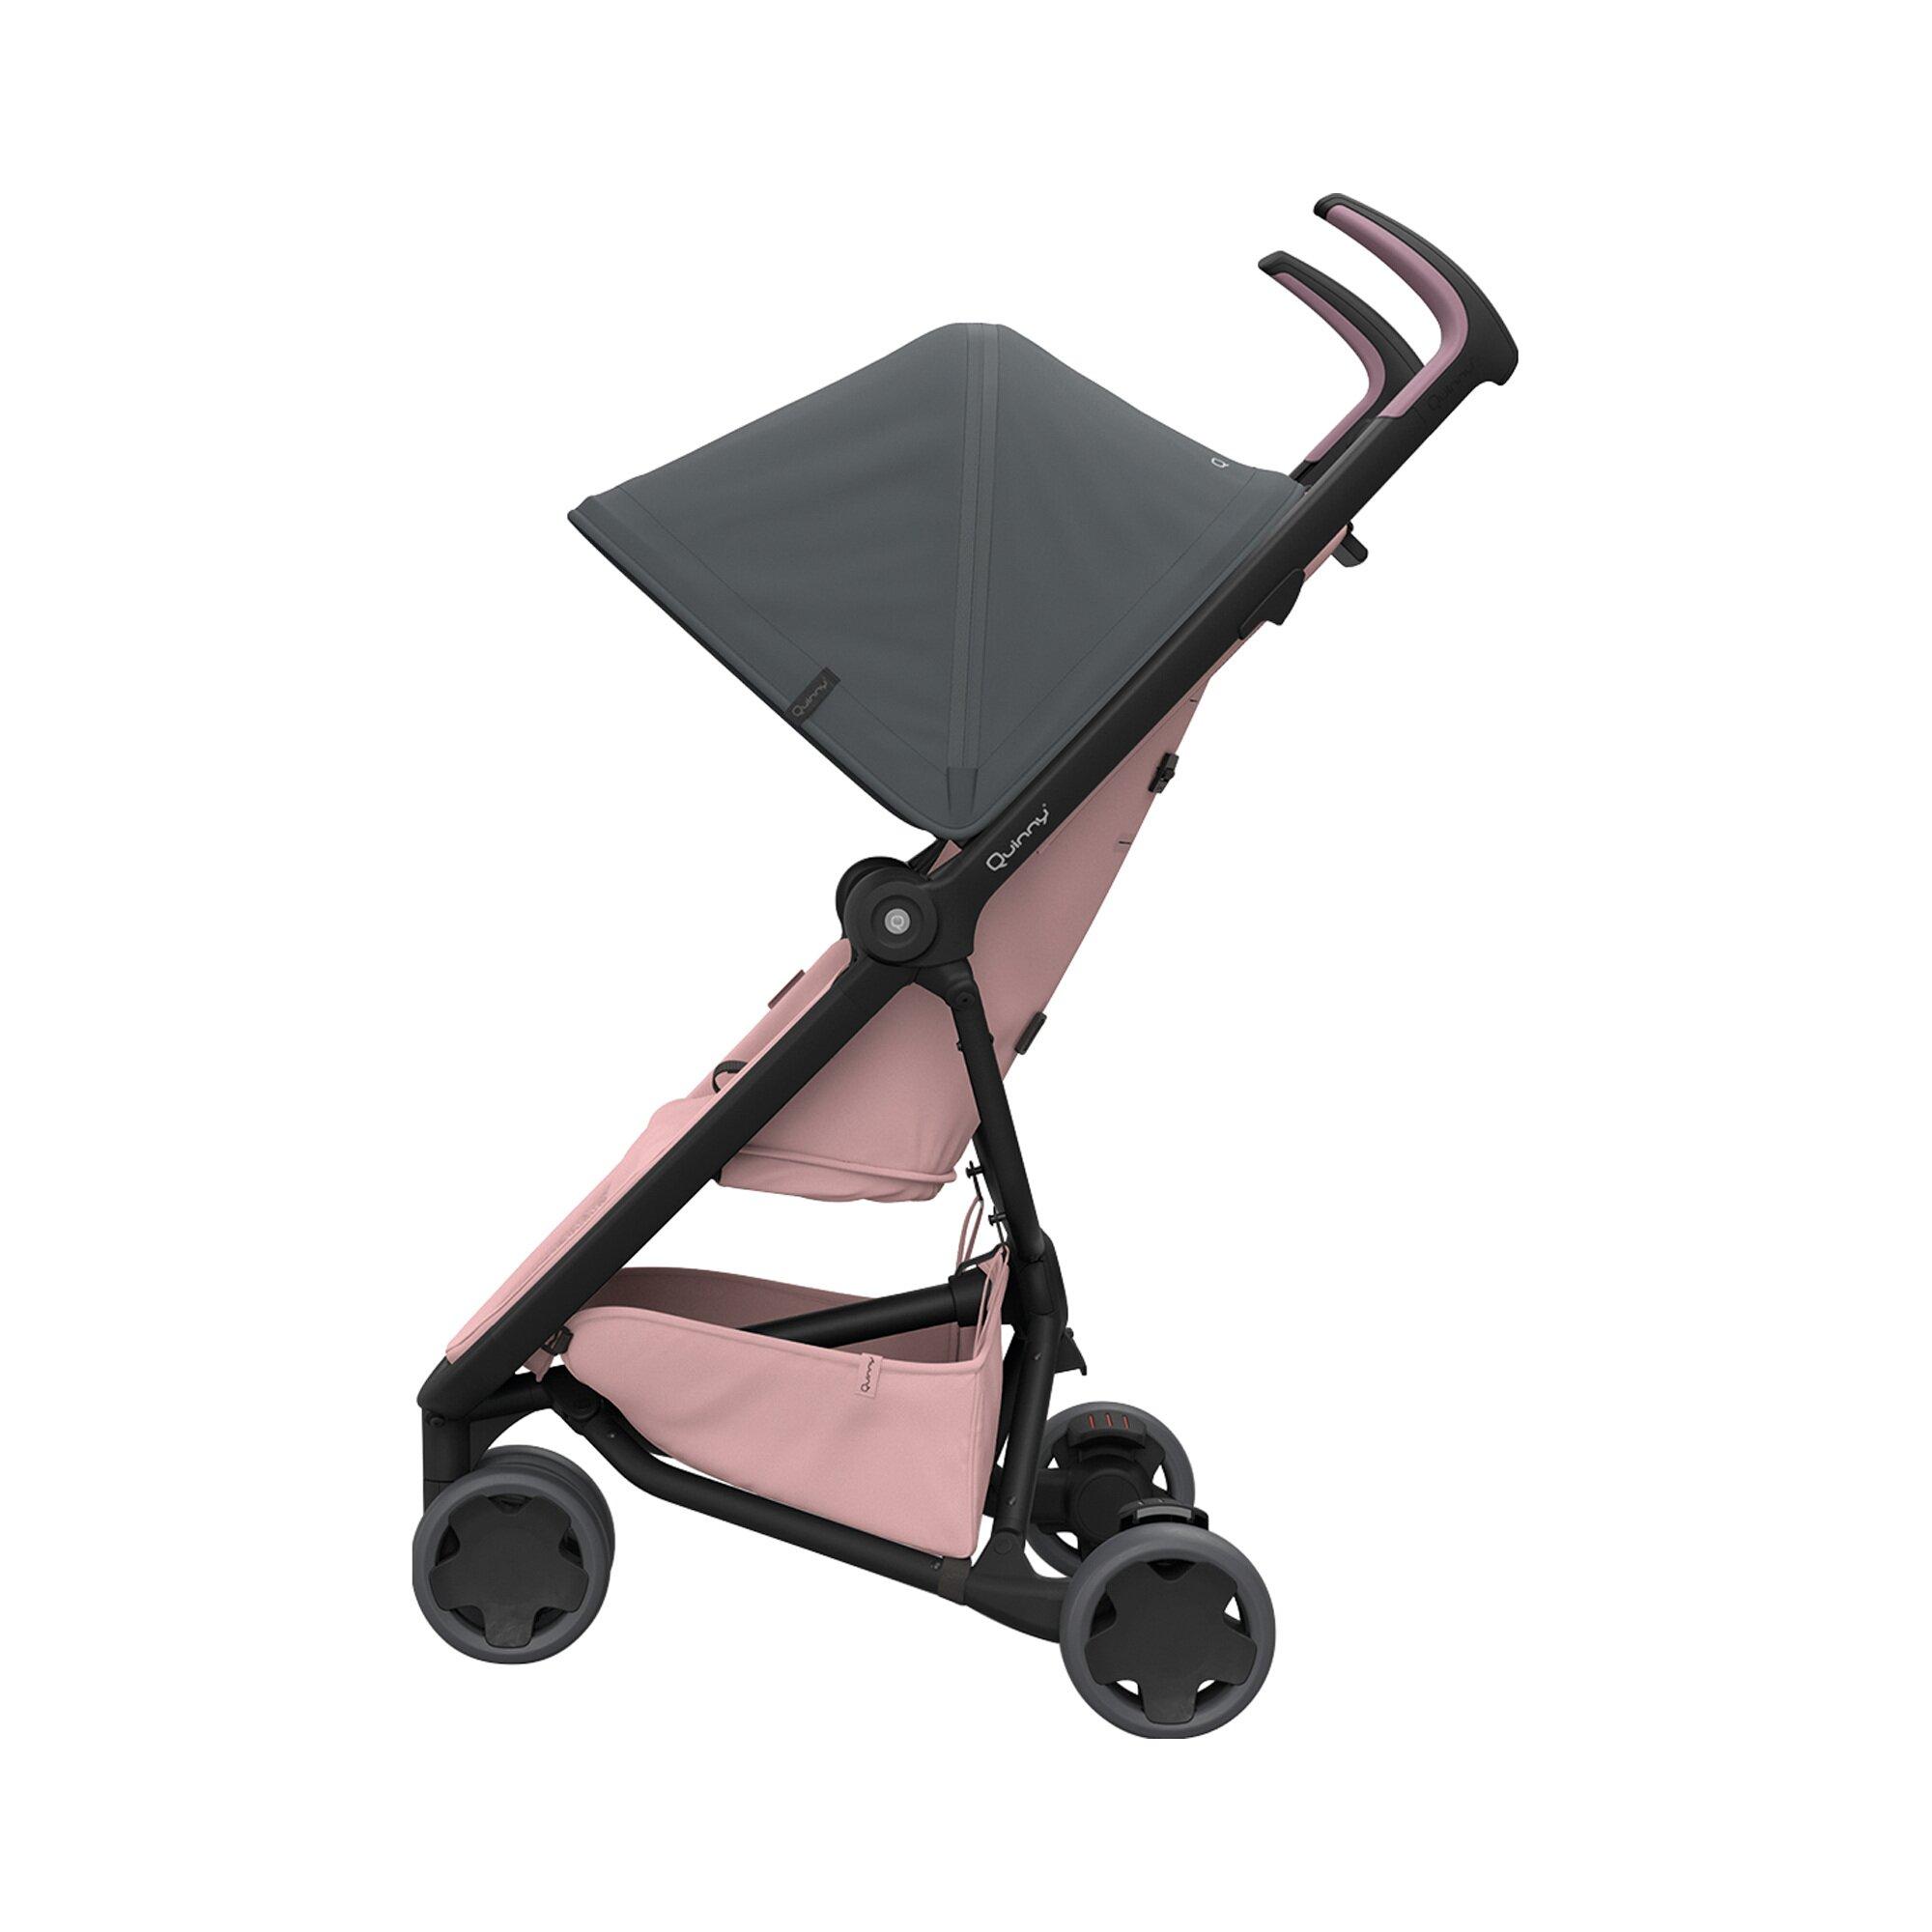 zapp-flex-buggy-mit-liegefunktion-grau